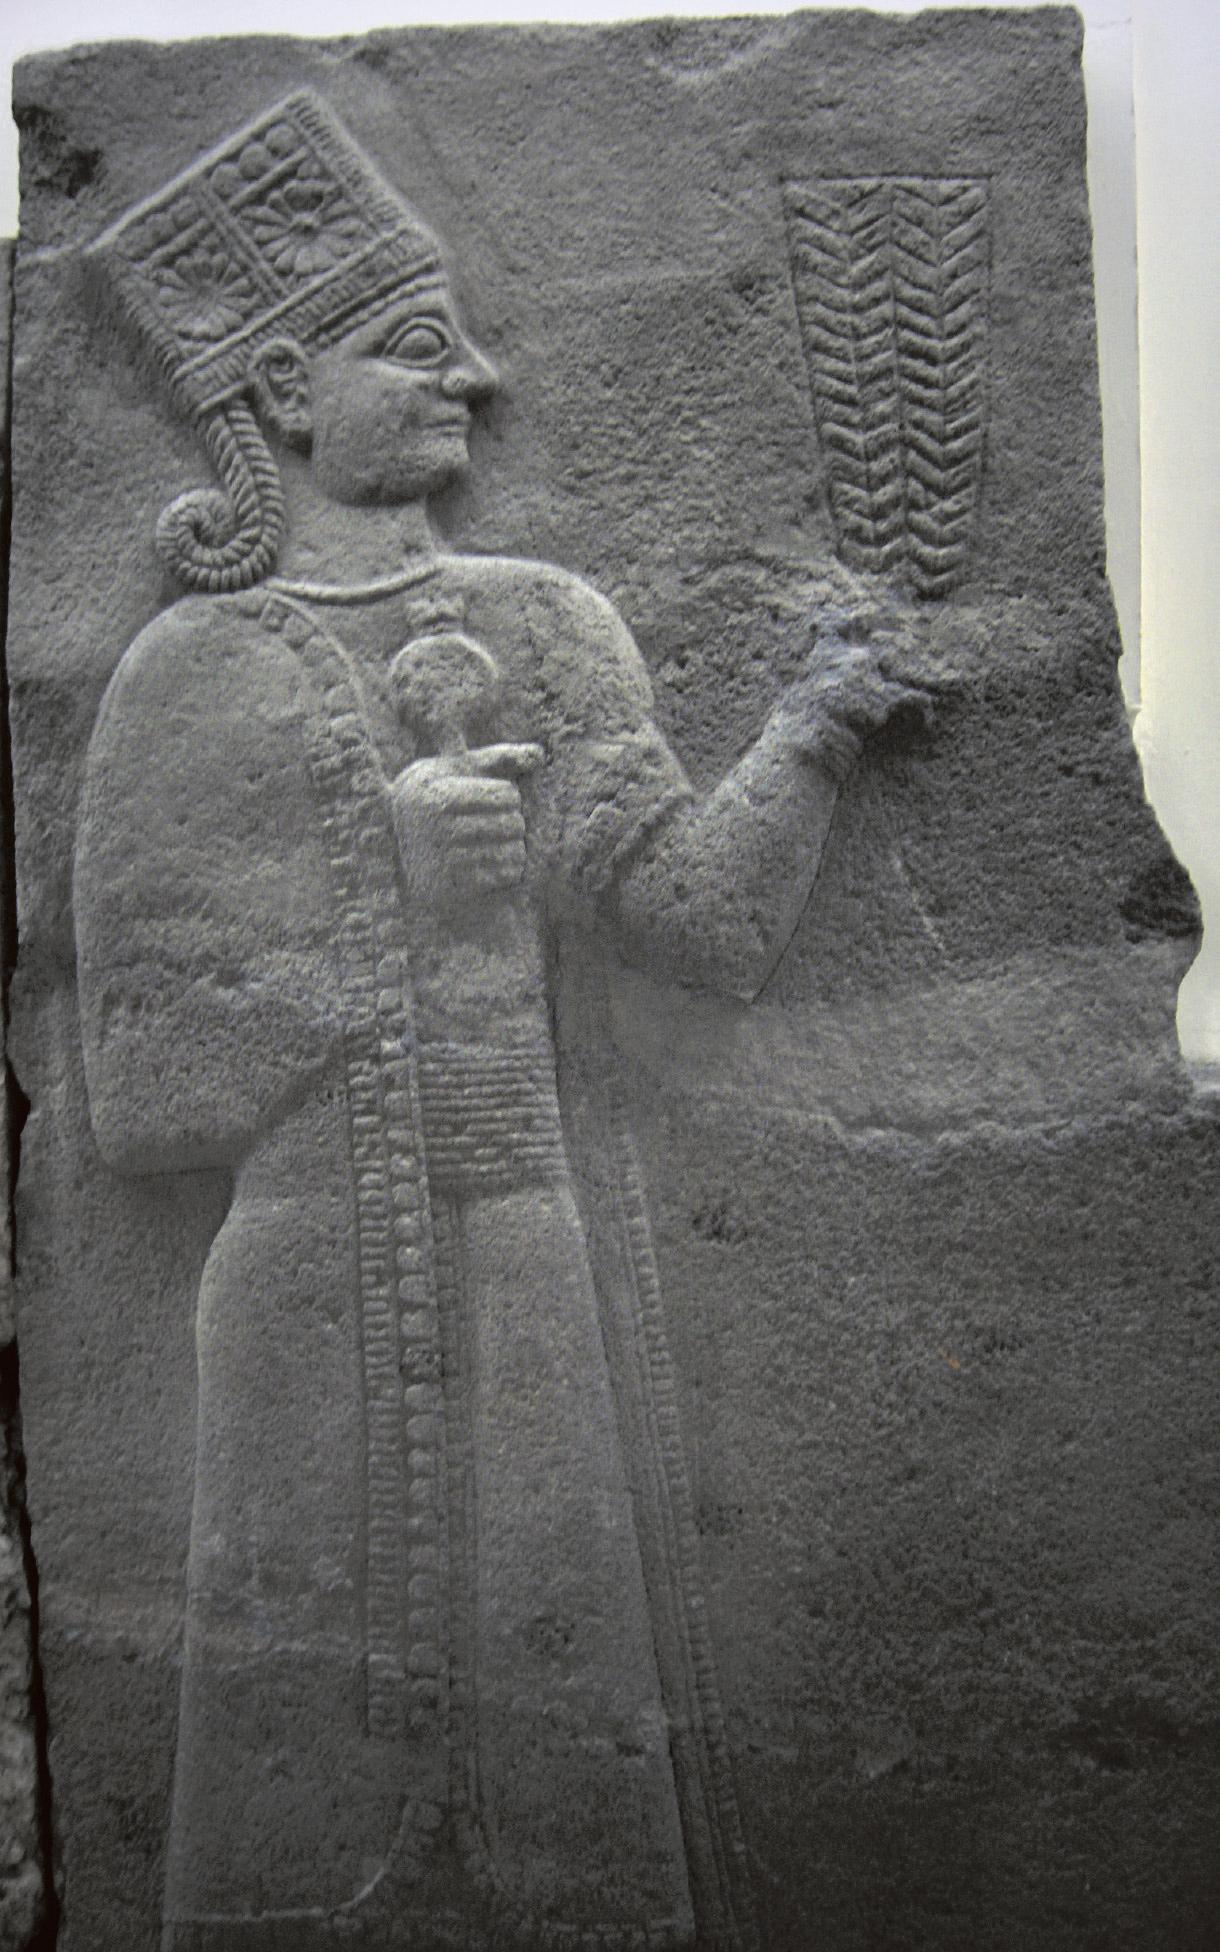 Богиня Кубаба сравнивает гранат с другими плодовыми культурами. Позднехеттский рельеф, арамейское влияние. Музей анатолийских цивилизаций в Анкаре, Турция